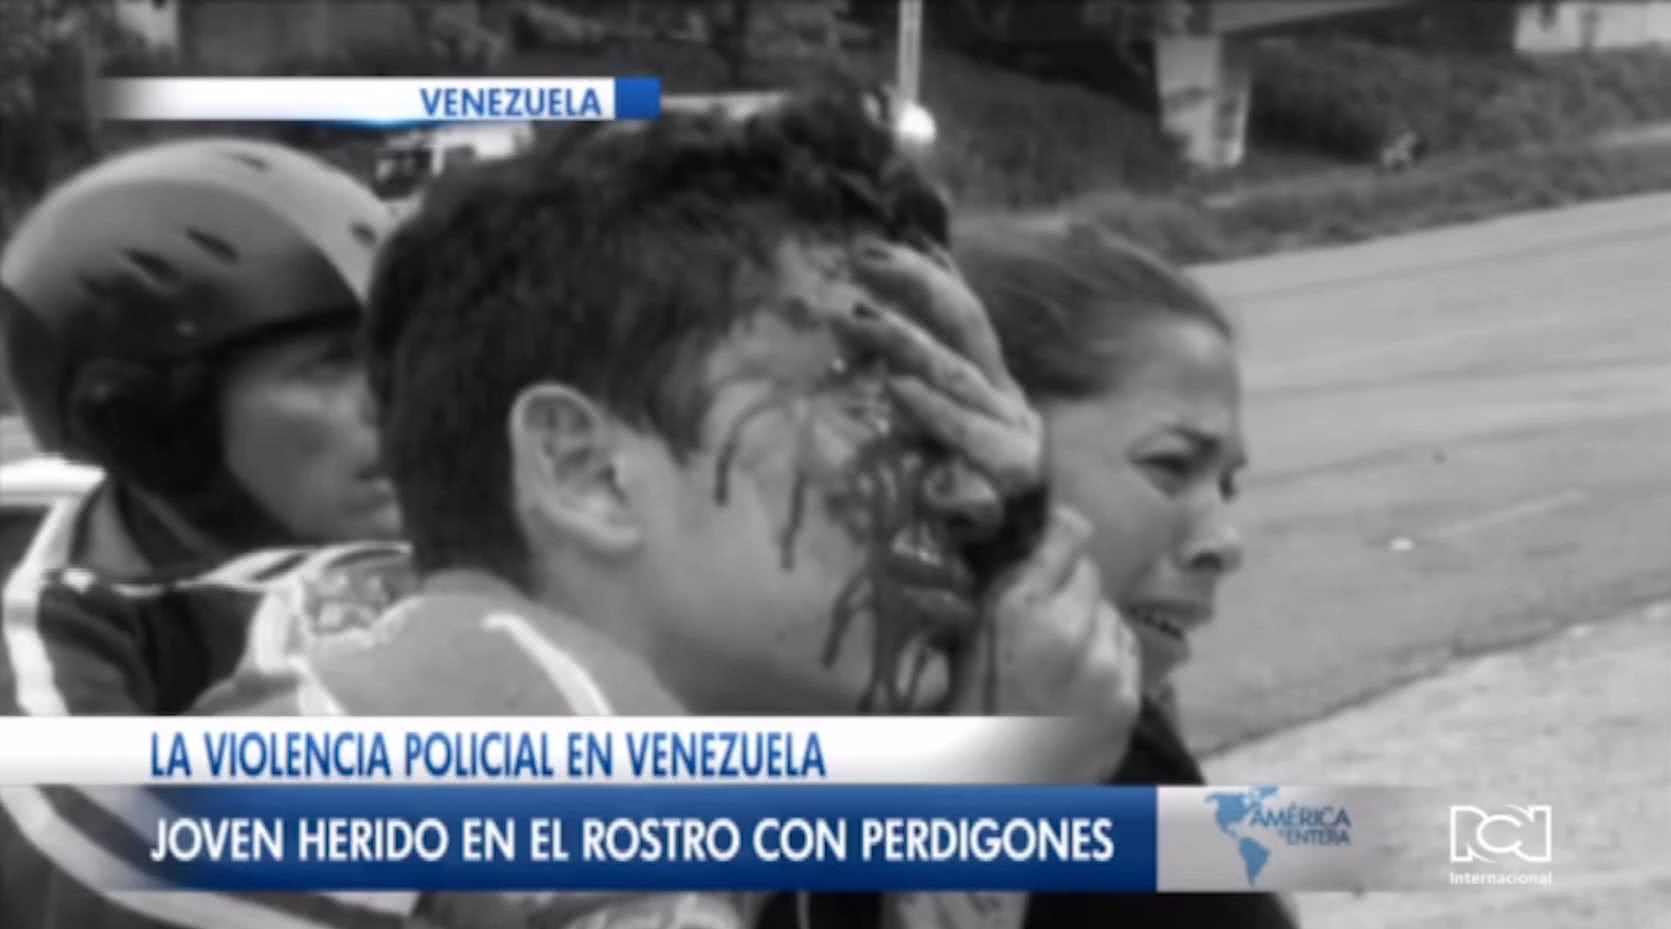 joven-queda-ciego-tras-ser-atacado-por-un-policia-en-venezuela.jpg